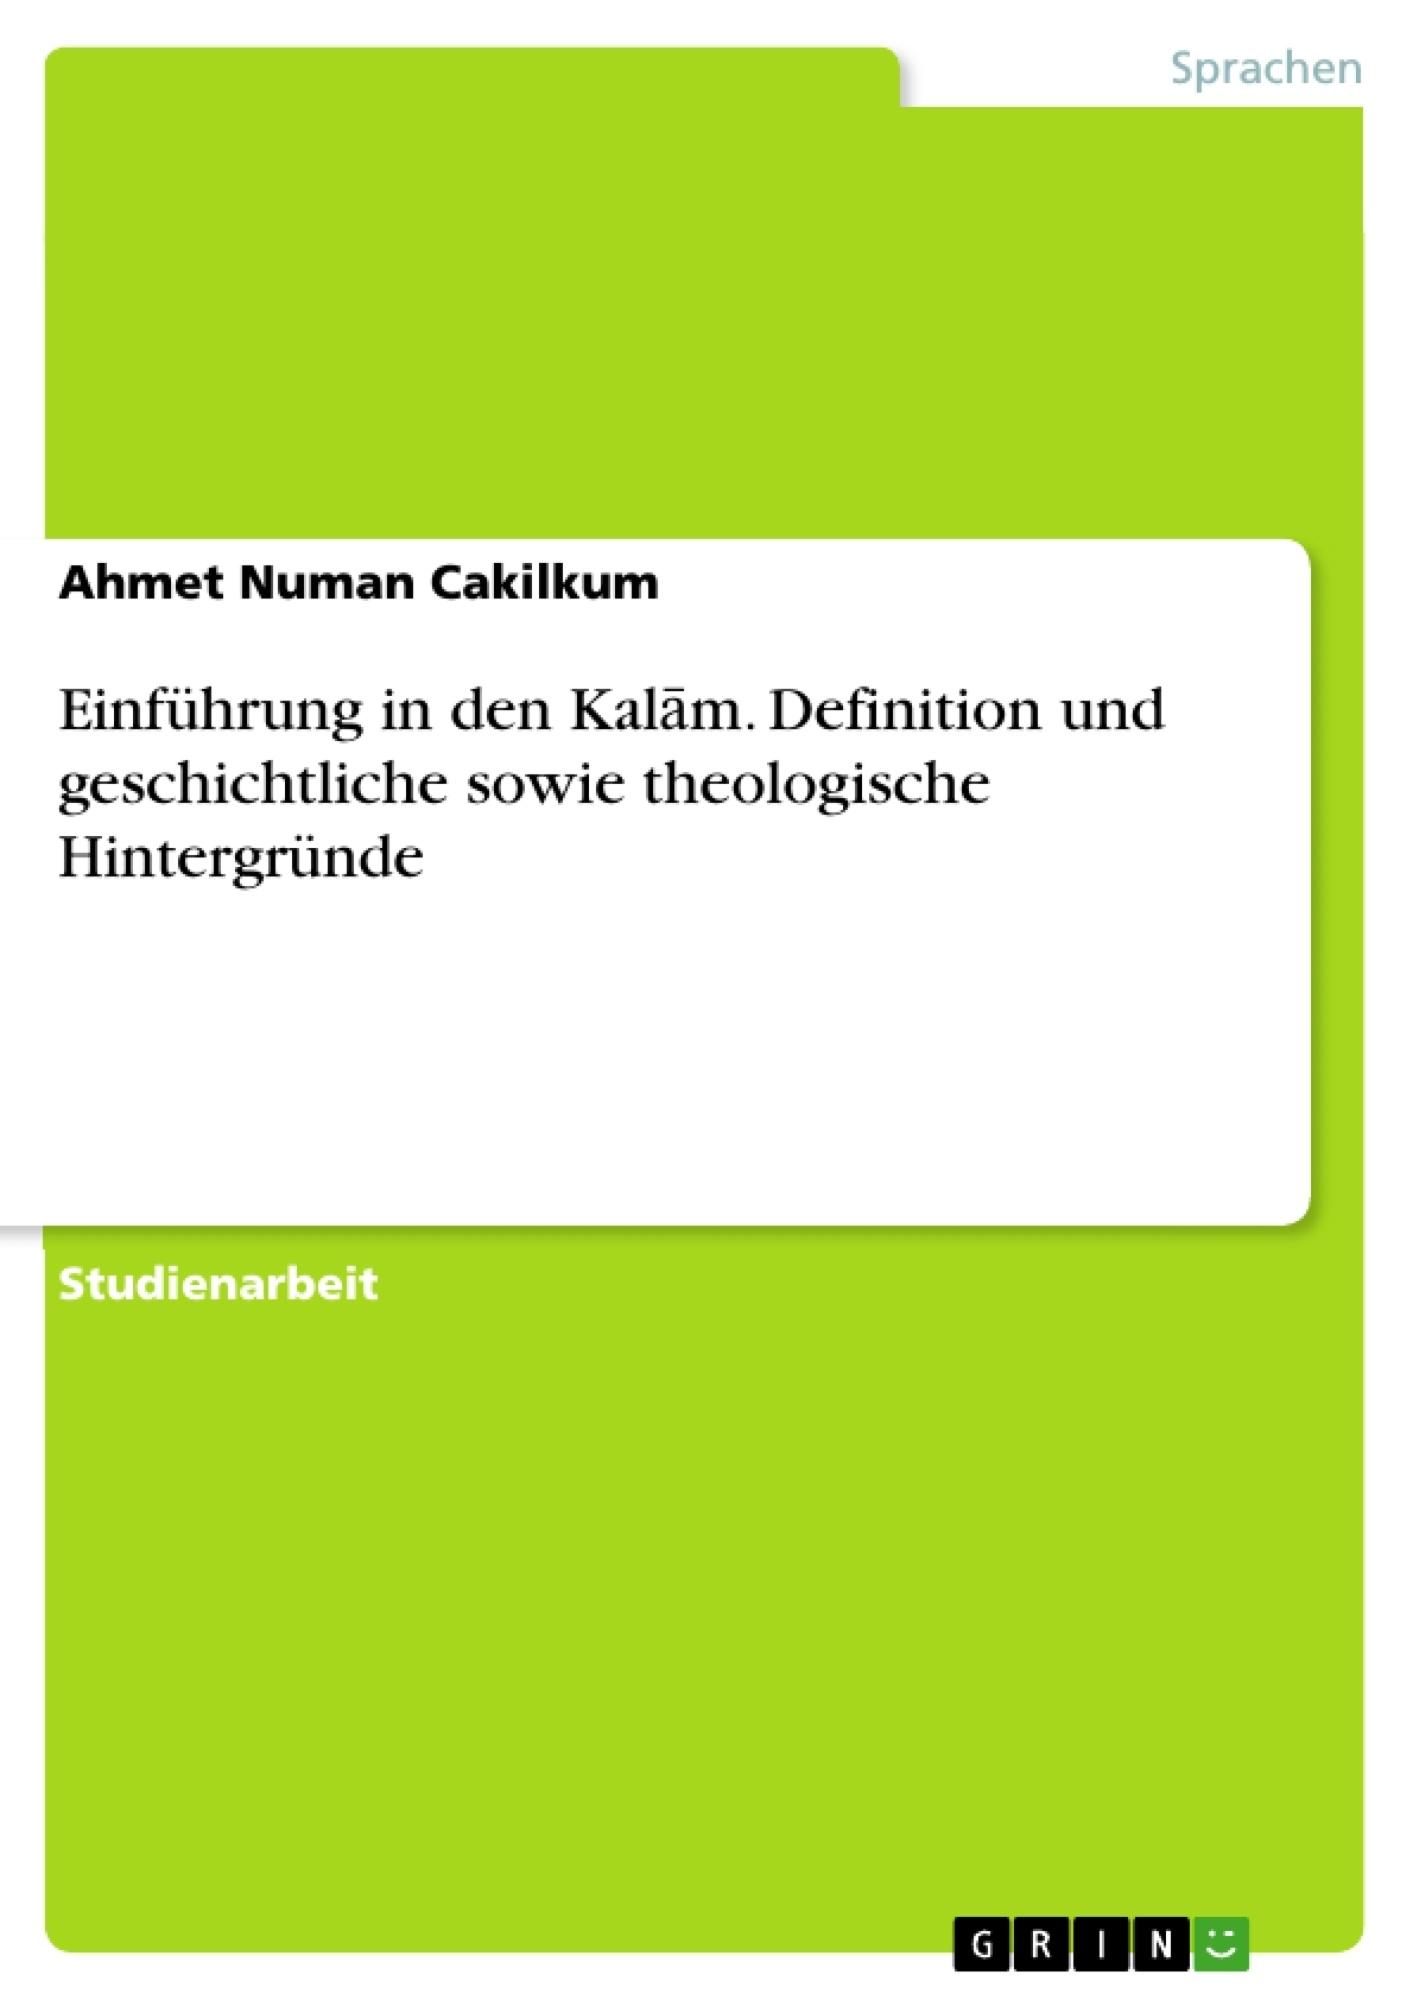 Titel: Einführung in den Kalām. Definition und geschichtliche sowie theologische Hintergründe